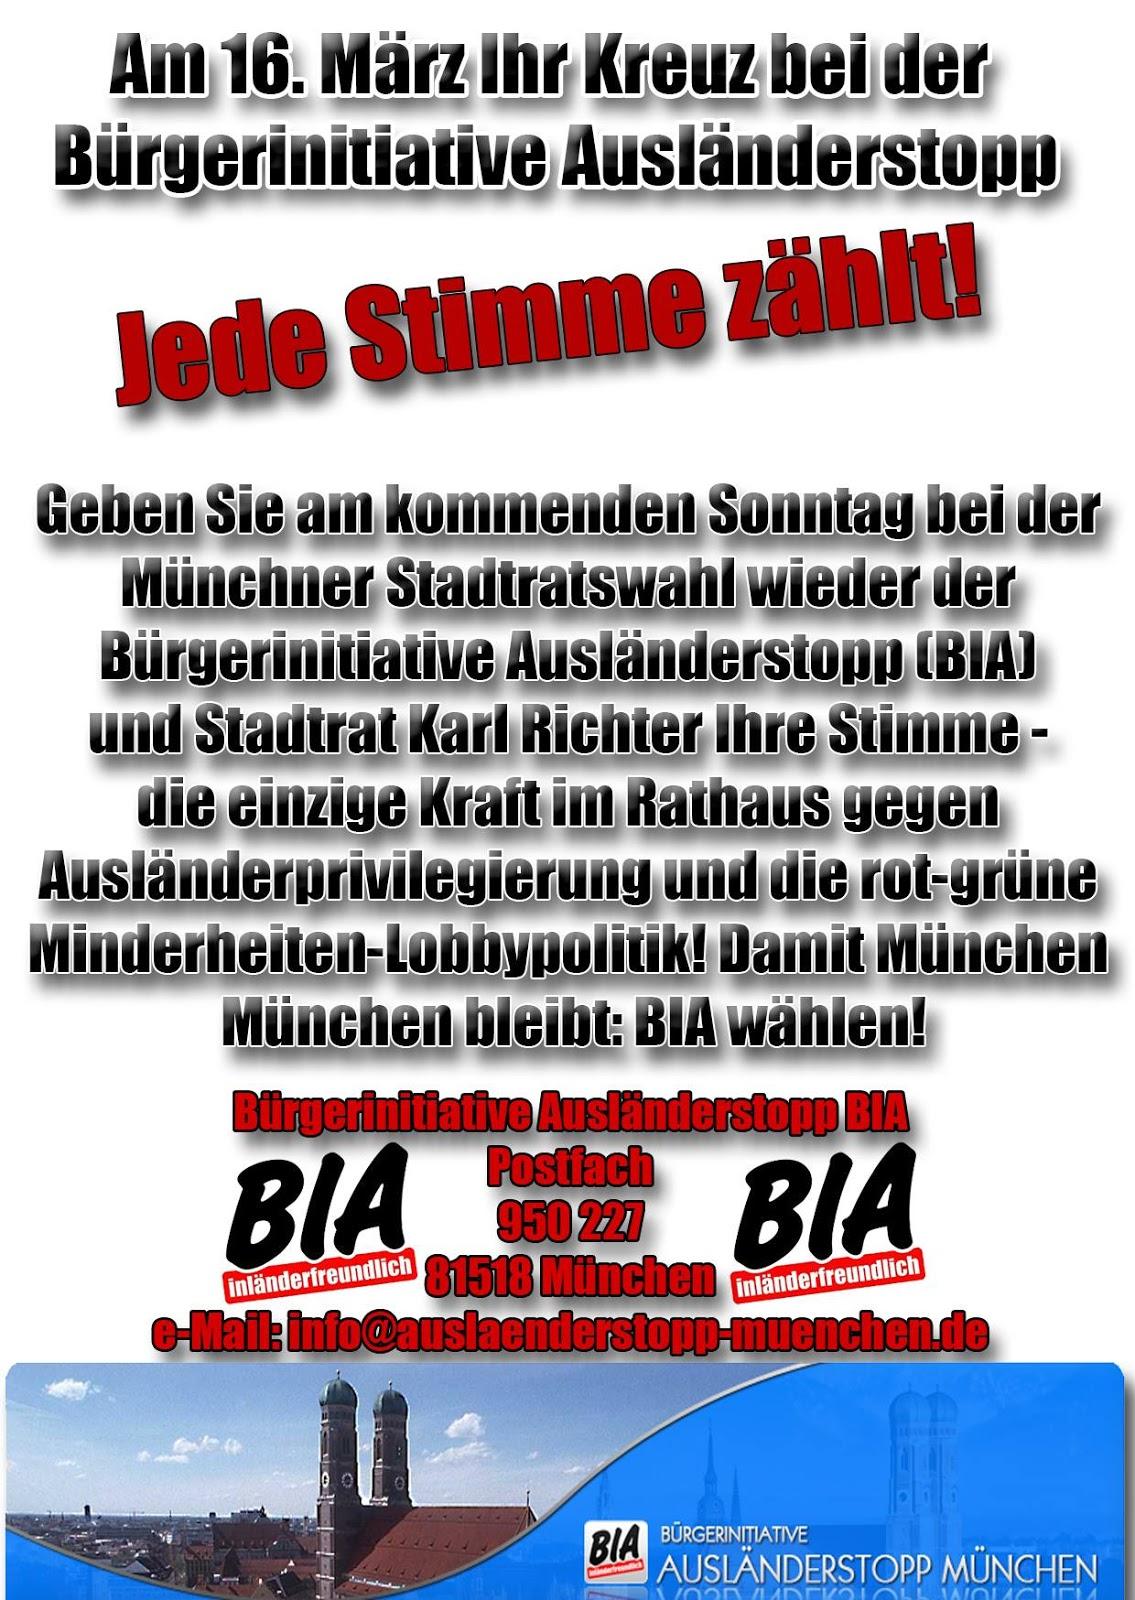 http://www.auslaenderstopp-muenchen.de/